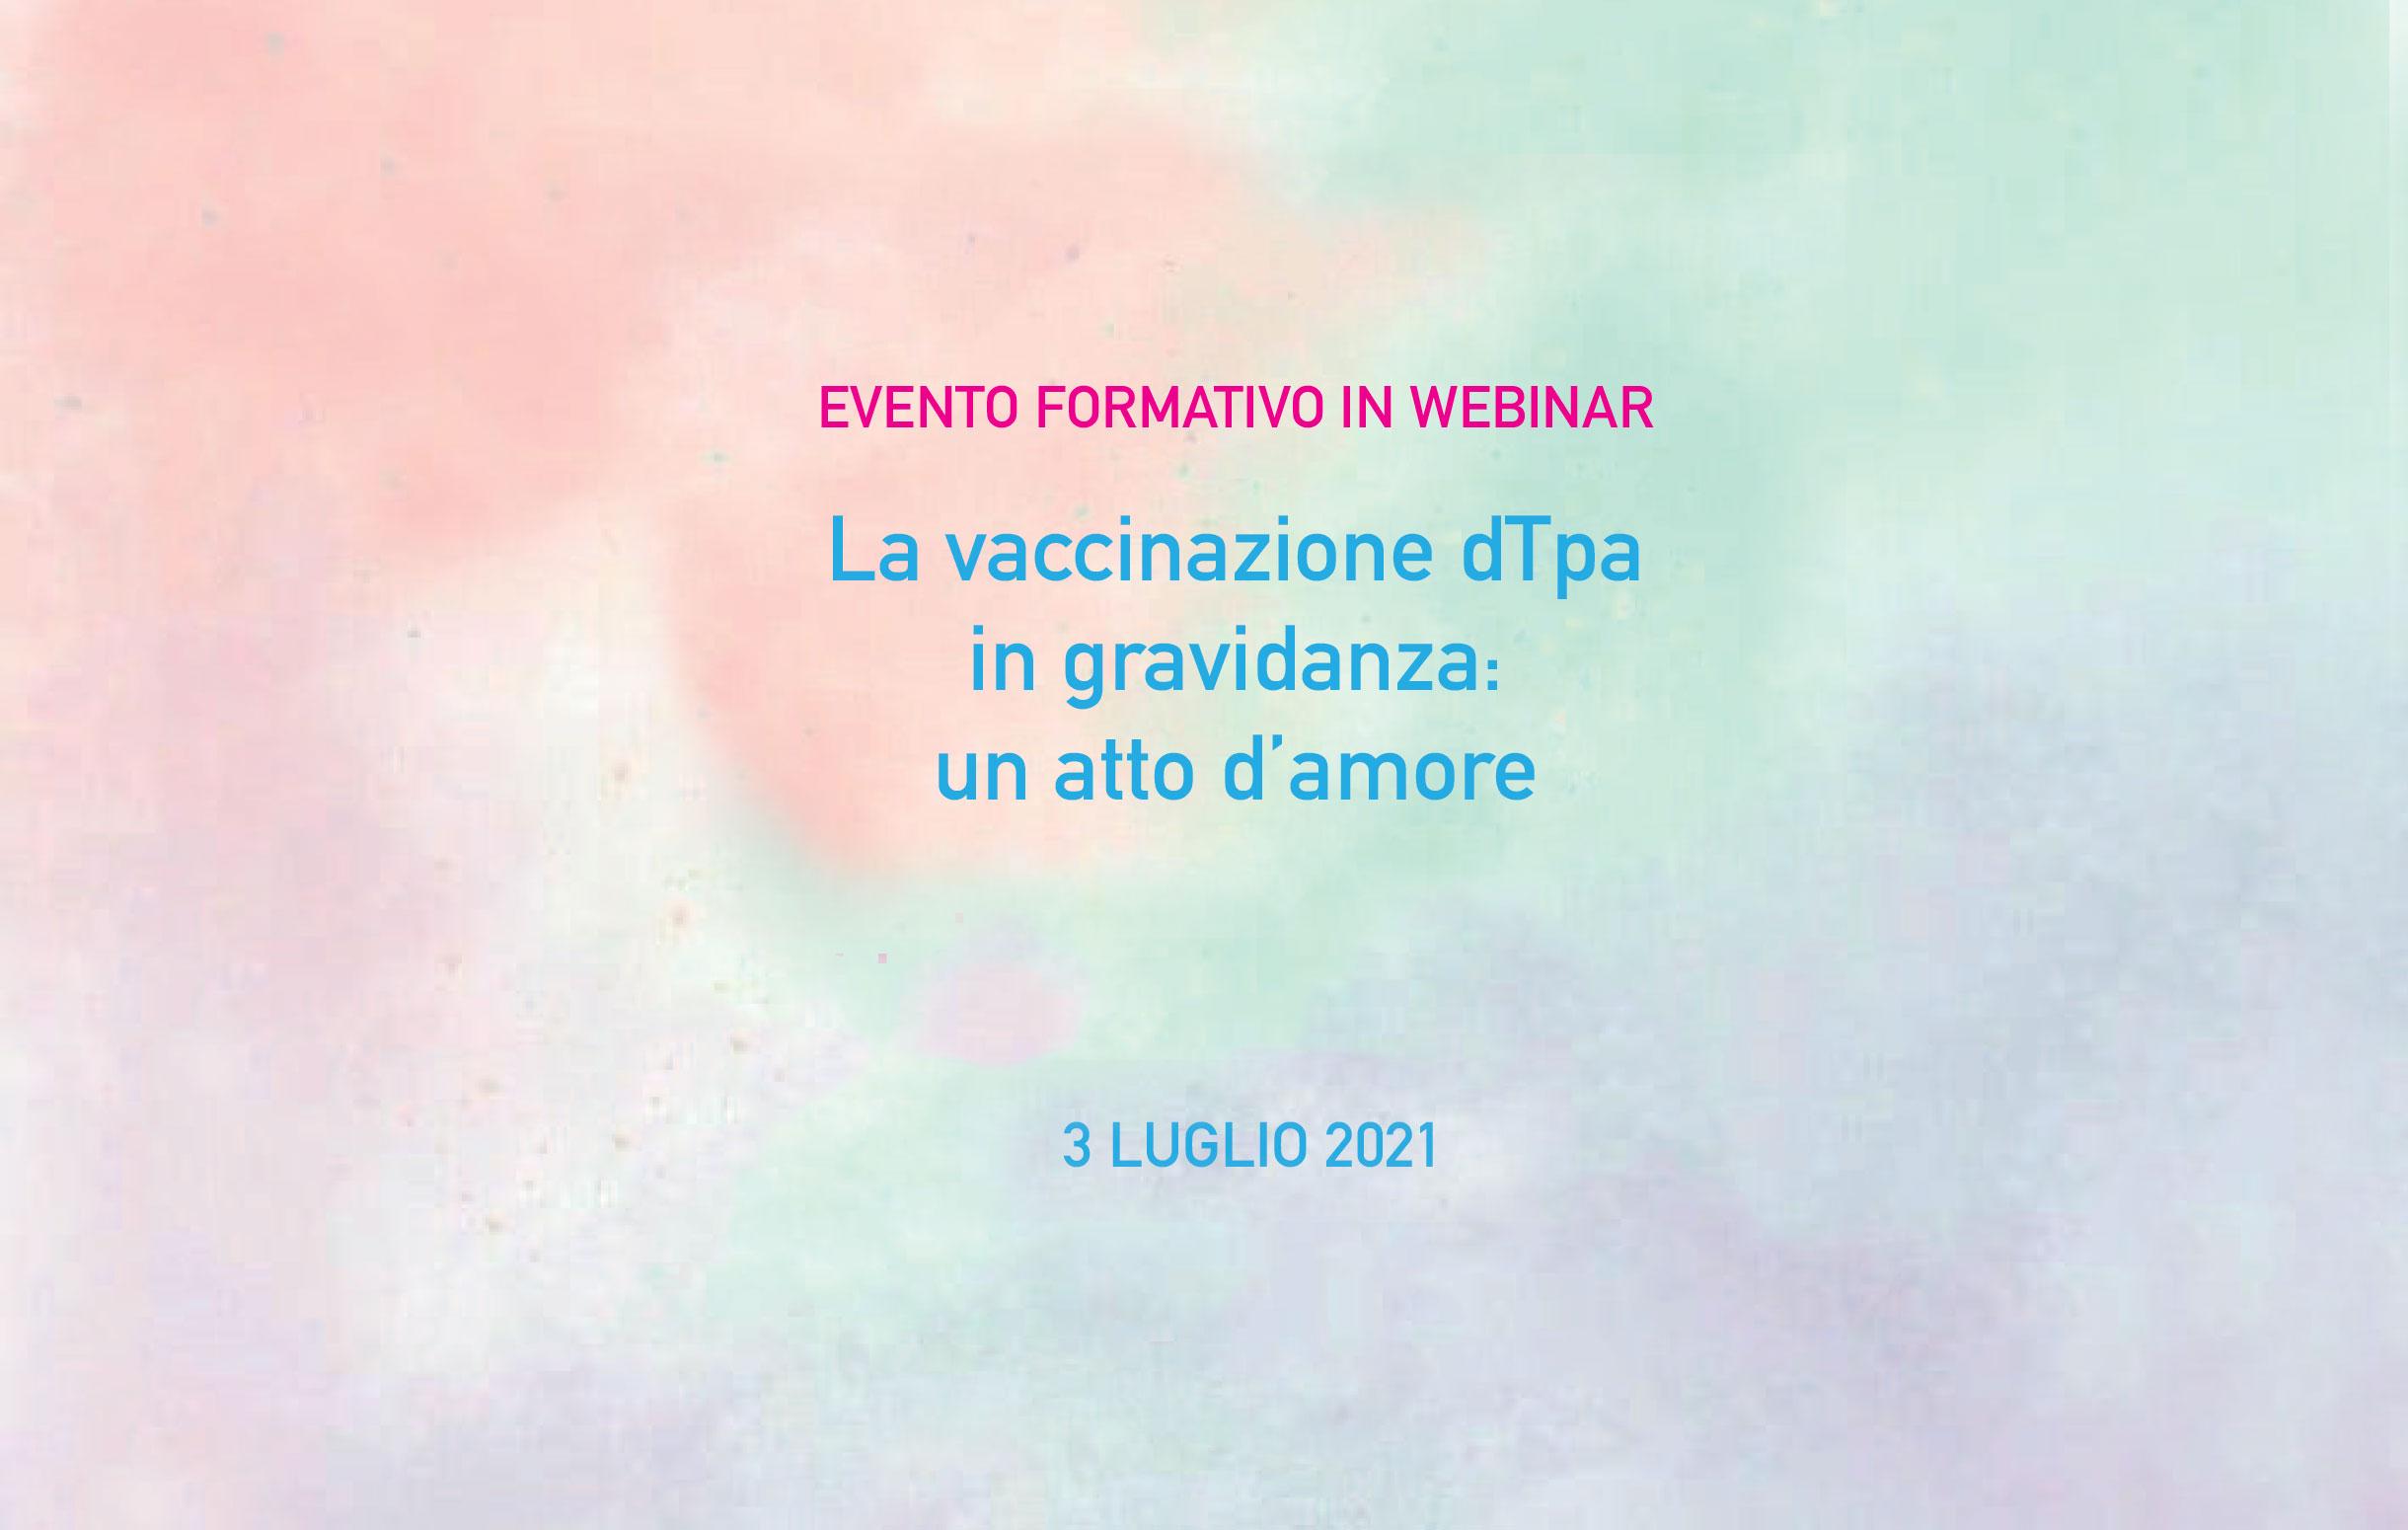 Evento Formativo in Webinar – La vaccinazione dTpa in gravidanza: un atto d'amore | 3 Luglio